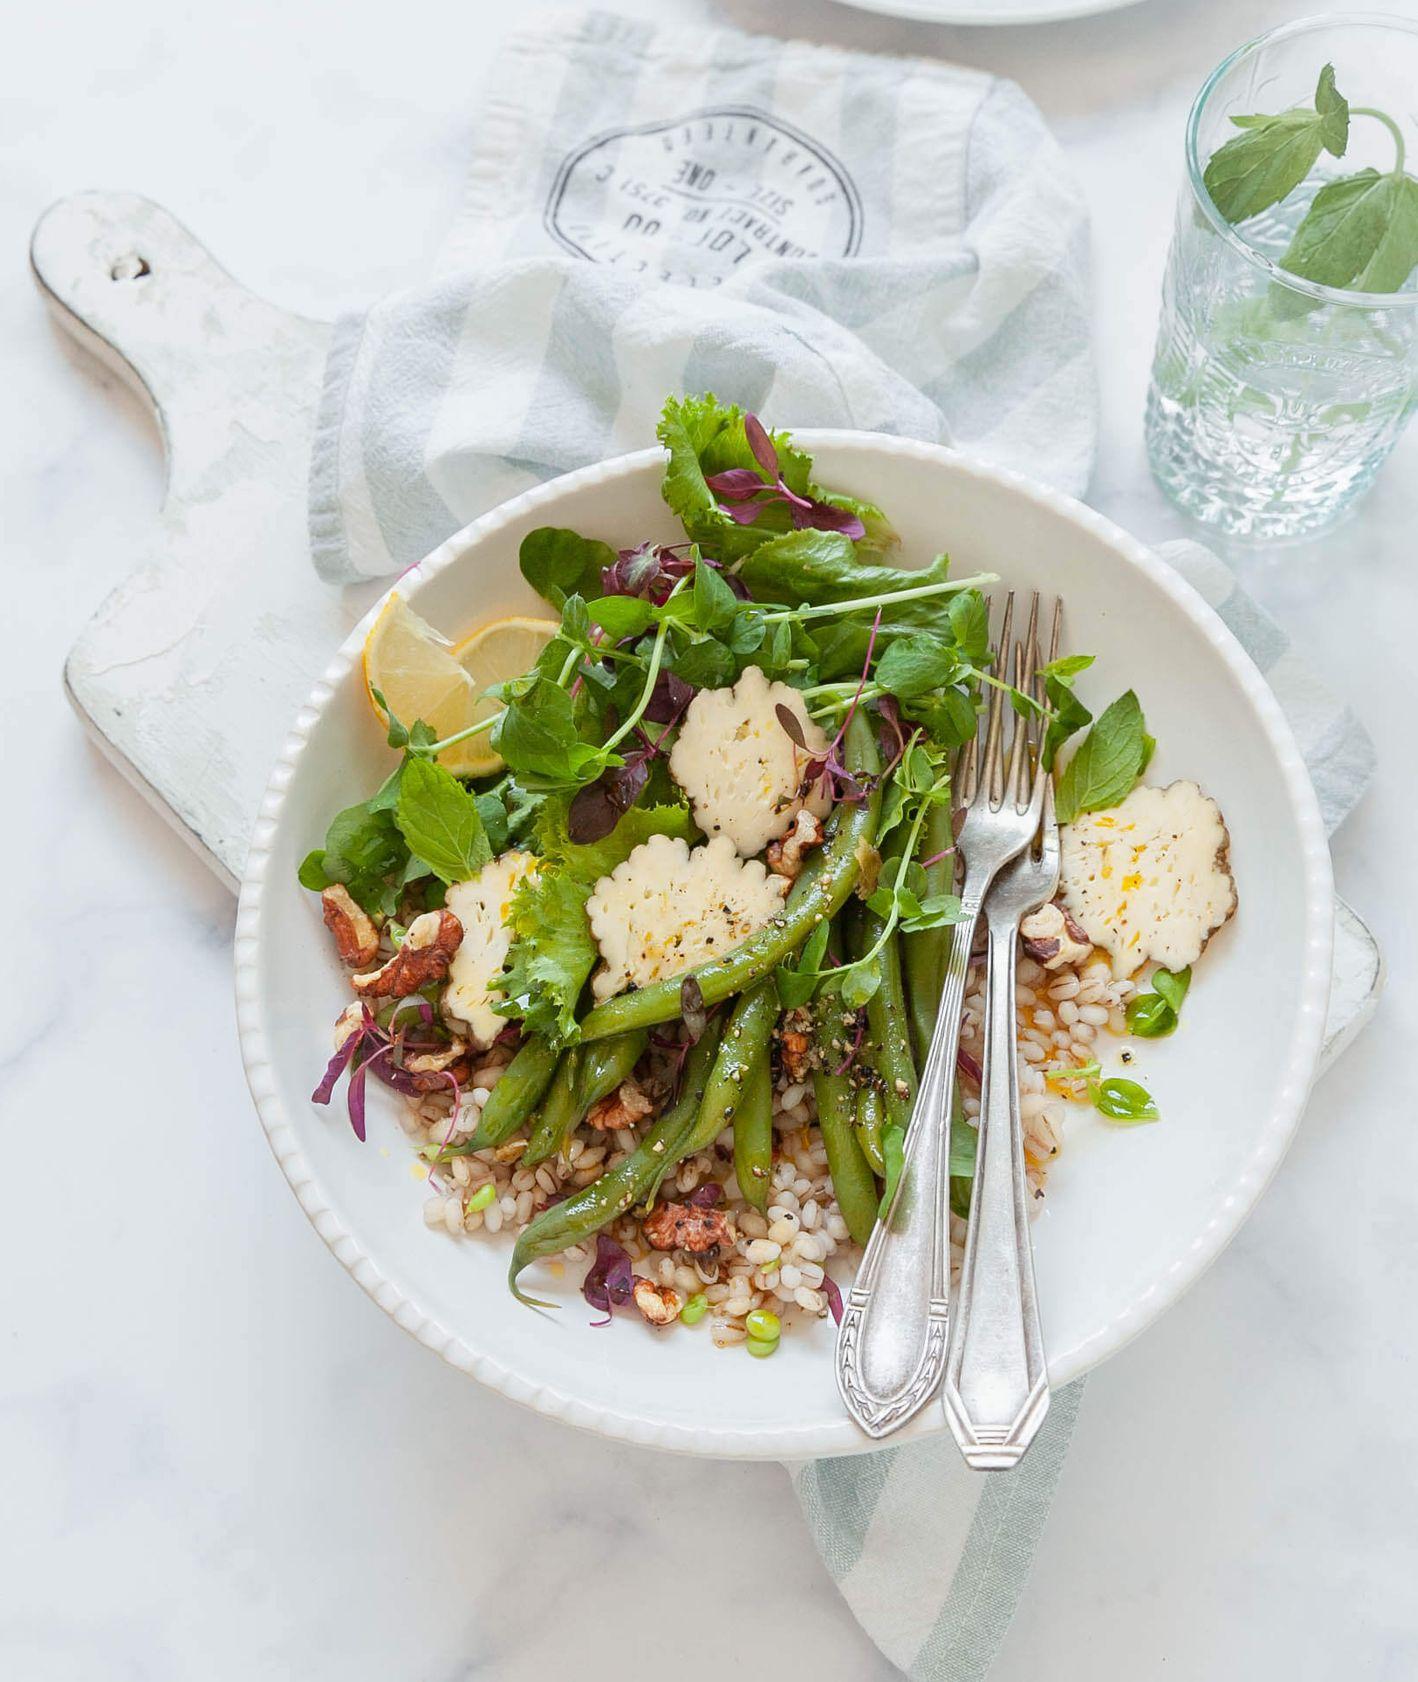 Ekspresowawa, sycąca sałatka do lunchboxu - sałatka z pęczaku, fasolki szparagowej i wędzonego sera - PRZEPIS na sałatkę z fasolką (fot. Kinga Ciszewska / Małe kulinaria)